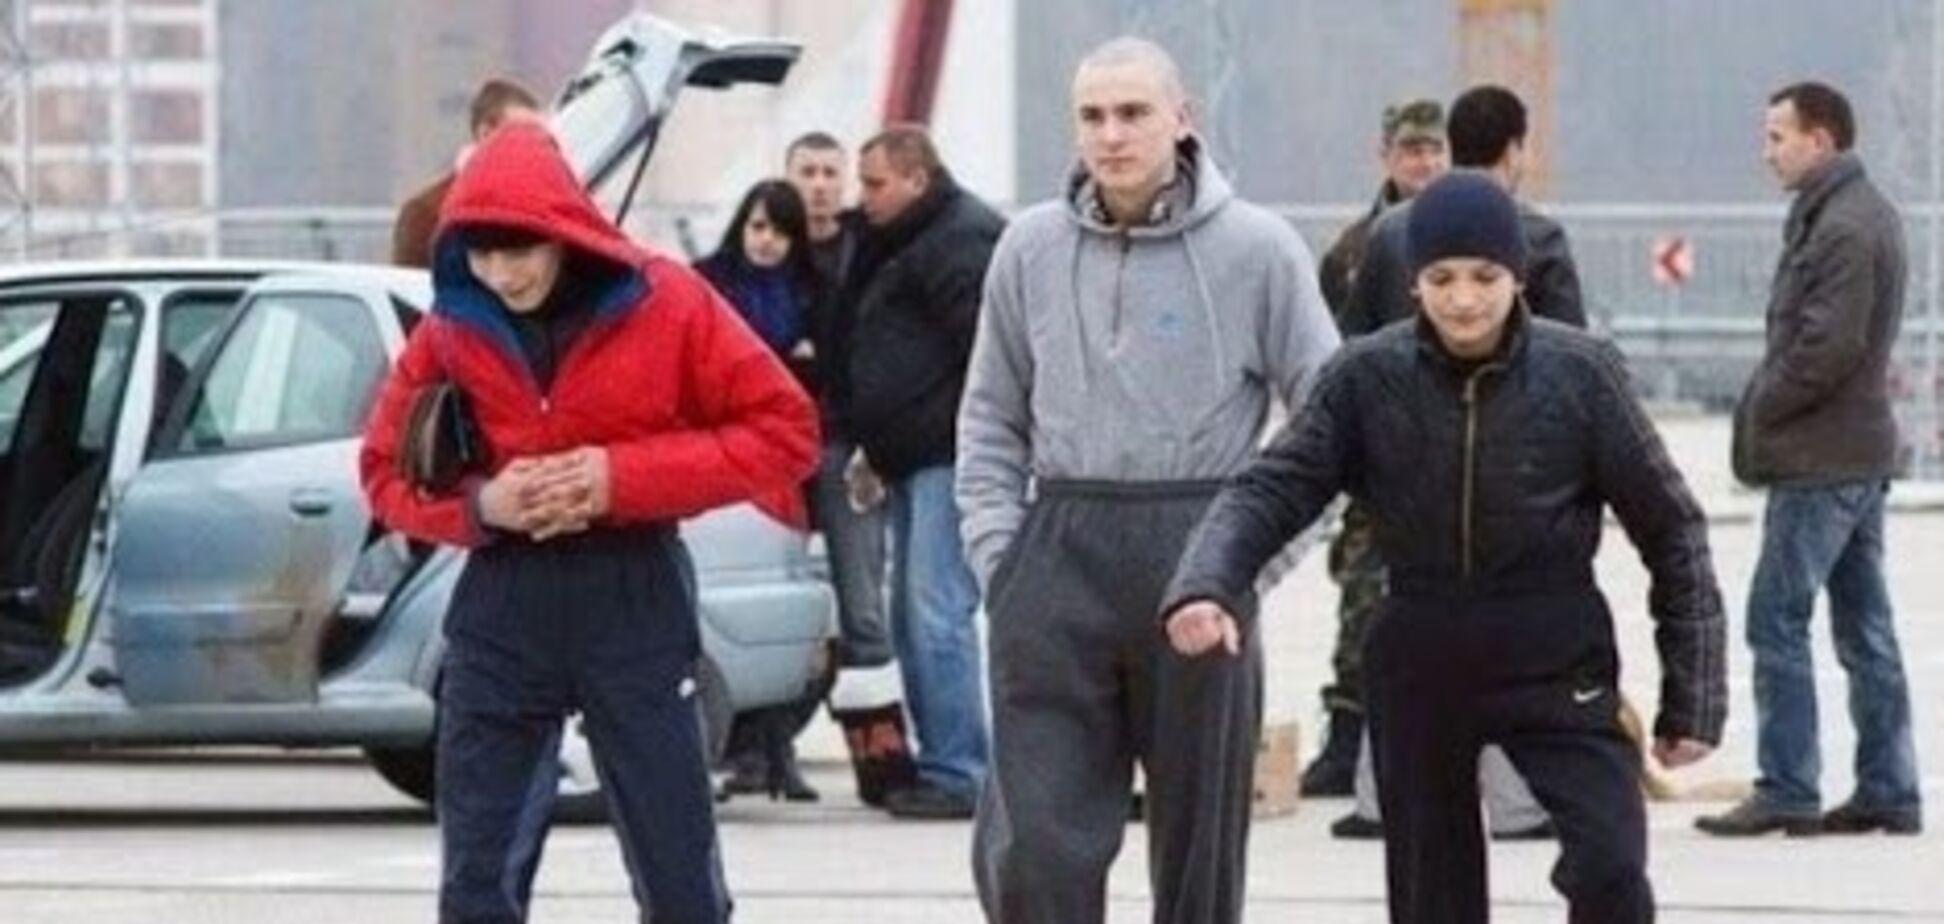 Банда подростков грабила прохожих в Измаиле